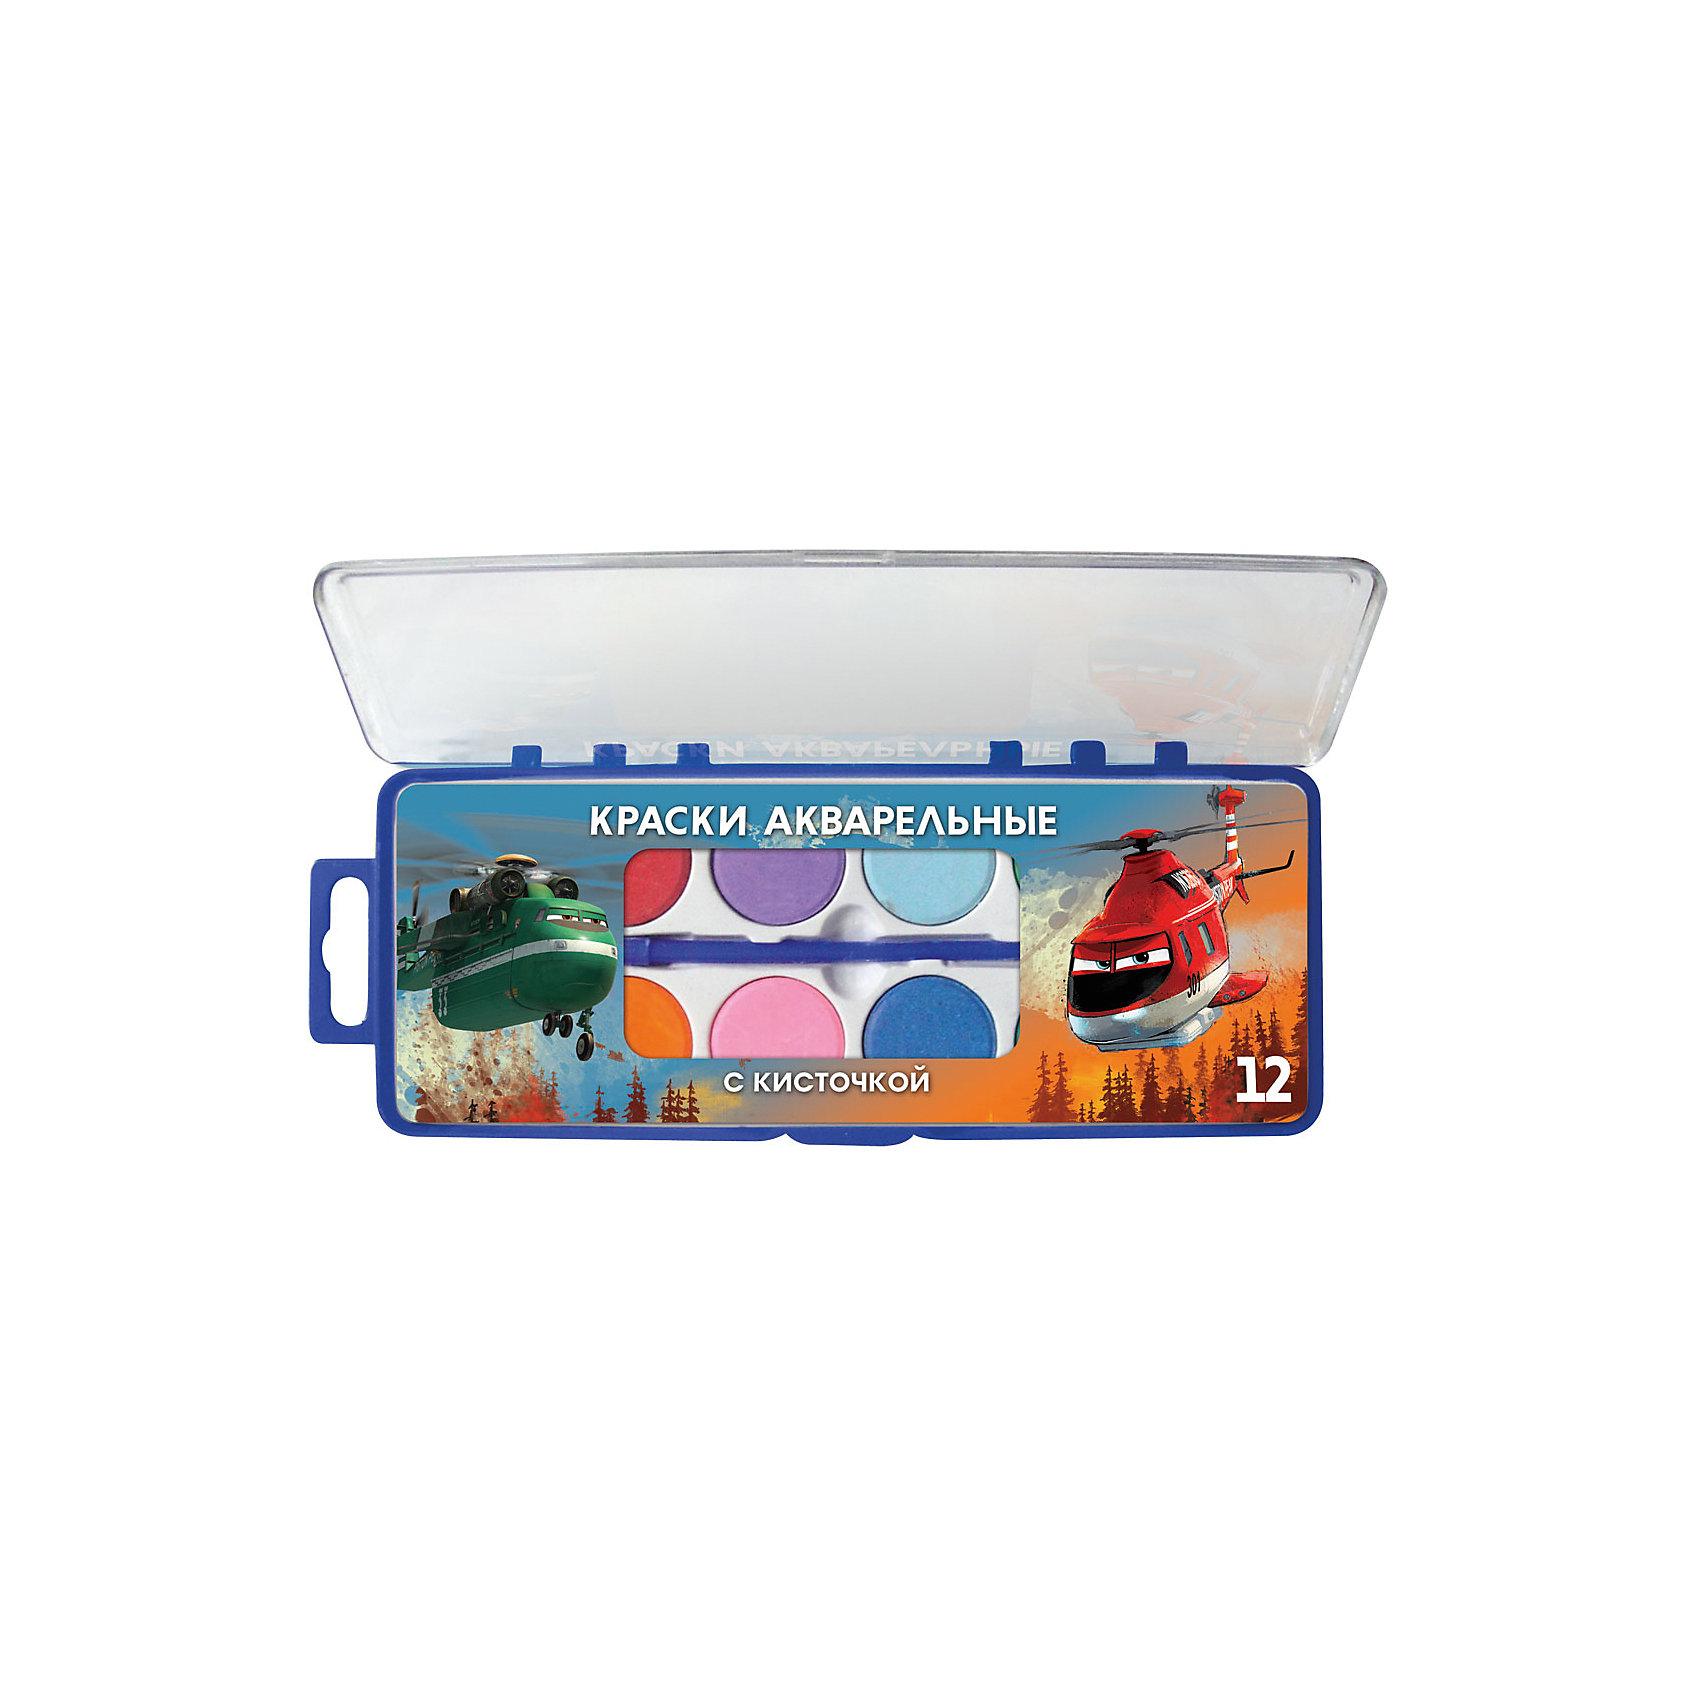 Акварельные краски, 12 цветов, Самолеты 2Самолеты<br>Акварельные краски, 12 цветов, Самолеты 2 – это краски на водной основе идеальны для начинающих художников.<br>Акварельные краски Самолеты (Planes) хорошо подойдут как для школьных занятий, так и для детского творчества в свободное время. В наборе 12 акварельных красок и кисточка, упакованных в пластиковый пенал. Краски имеют яркие насыщенные цвета, легко размываются, создавая прозрачный цветной слой, легко смешиваются между собой, не крошатся и не смазываются, быстро сохнут. Краски изготовлены из натуральных компонентов и абсолютно безвредны. Легко отмываются от рук и отстирываются от одежды. В процессе рисования у детей развивается наглядно-образное мышление, воображение, мелкая моторика рук, творческие и художественные способности, вырабатывается усидчивость и аккуратность.<br><br>Дополнительная информация:<br><br>- В наборе: краски 12 цветов, кисточка<br>- Размер упаковки: 24 х 8 х 1,5 см.<br>- Вес: 132 гр.<br><br>Акварельные краски, 12 цветов, Самолеты 2 (Planes) можно купить в нашем интернет-магазине.<br><br>Ширина мм: 15<br>Глубина мм: 240<br>Высота мм: 80<br>Вес г: 132<br>Возраст от месяцев: 48<br>Возраст до месяцев: 96<br>Пол: Унисекс<br>Возраст: Детский<br>SKU: 3986176